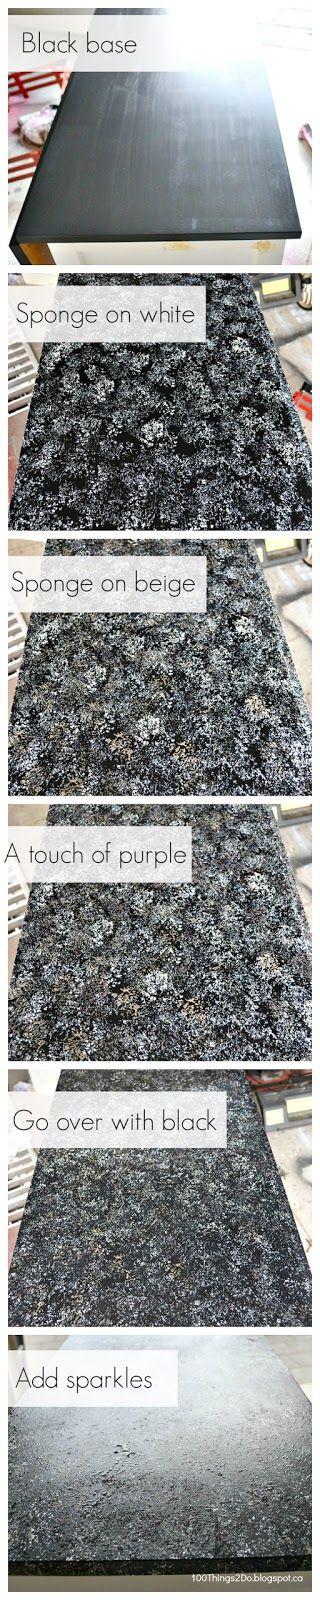 Creating Faux Granite.  Faux granite tutorial.  Refinishing counters to look like granite.